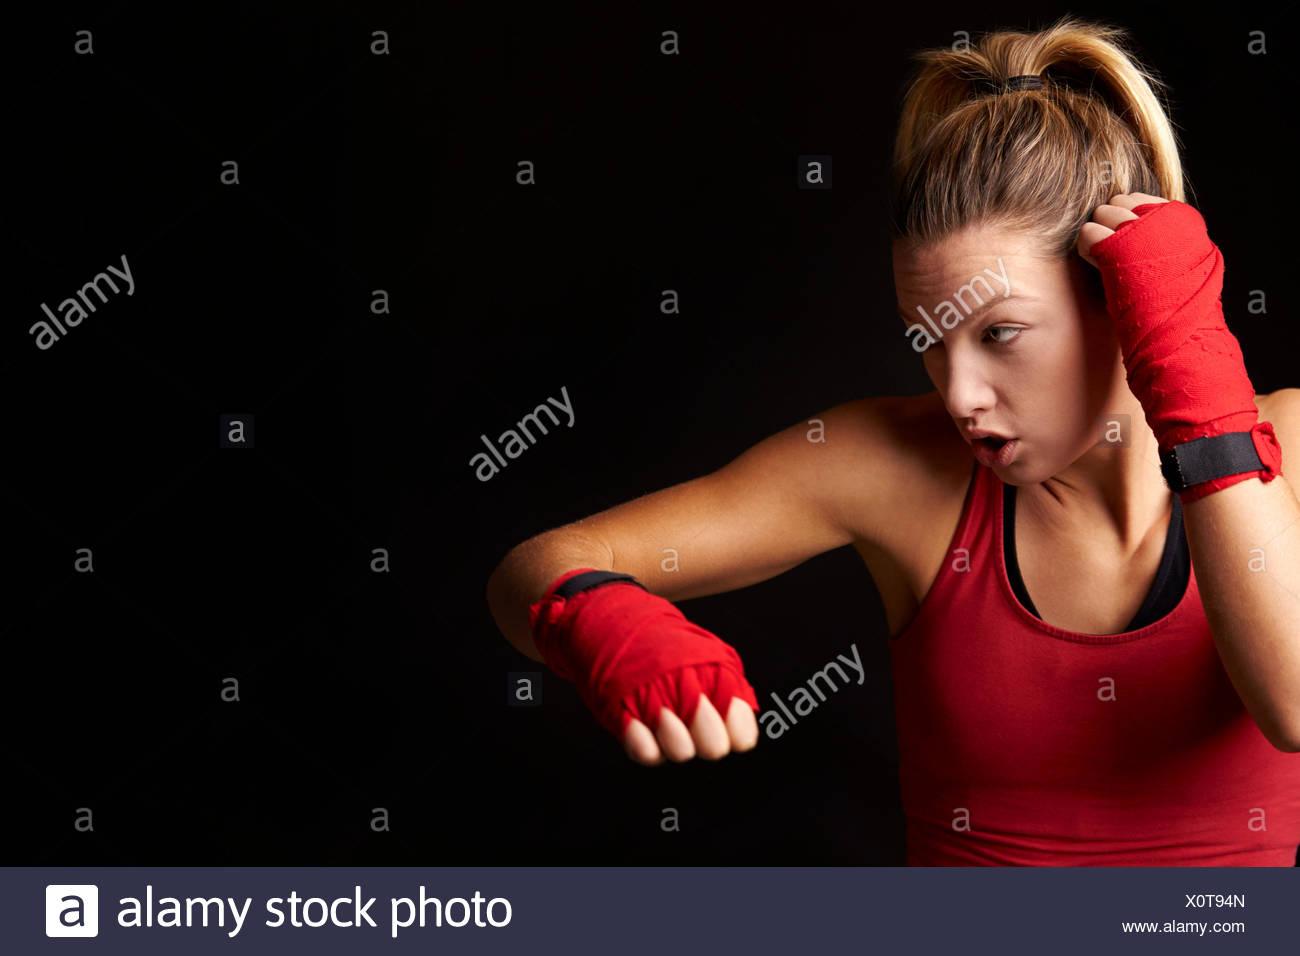 Mujer joven rubia de boxeo de sombra con el brazo doblado en defensa Imagen De Stock